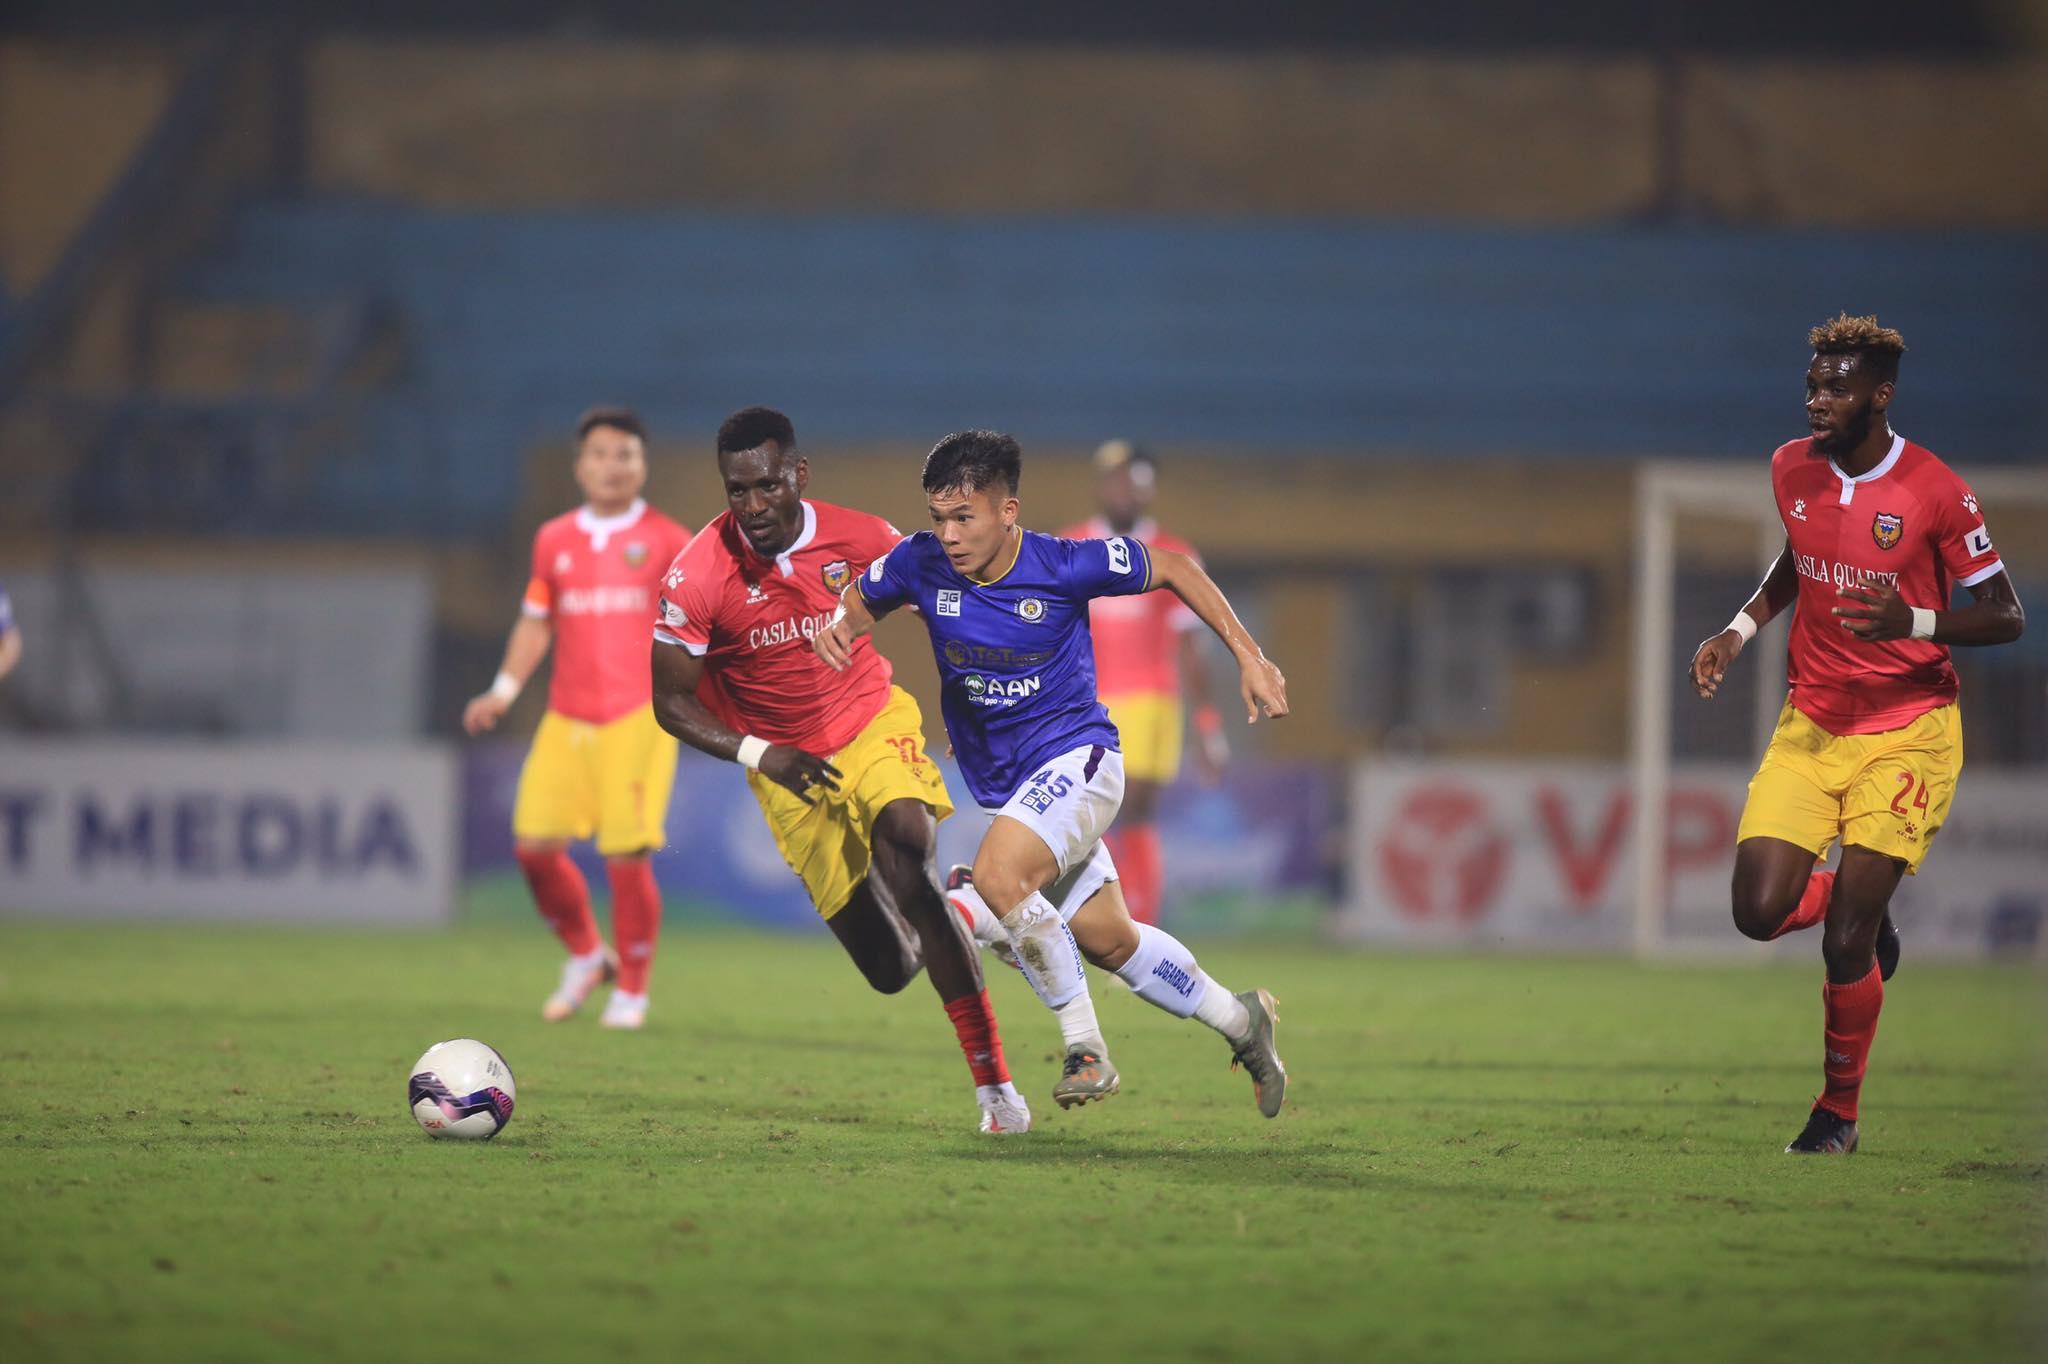 HL Hà Tĩnh giành 1 điểm quý giá trên sân của Hà Nội FC - Ảnh: Minh Tuấn